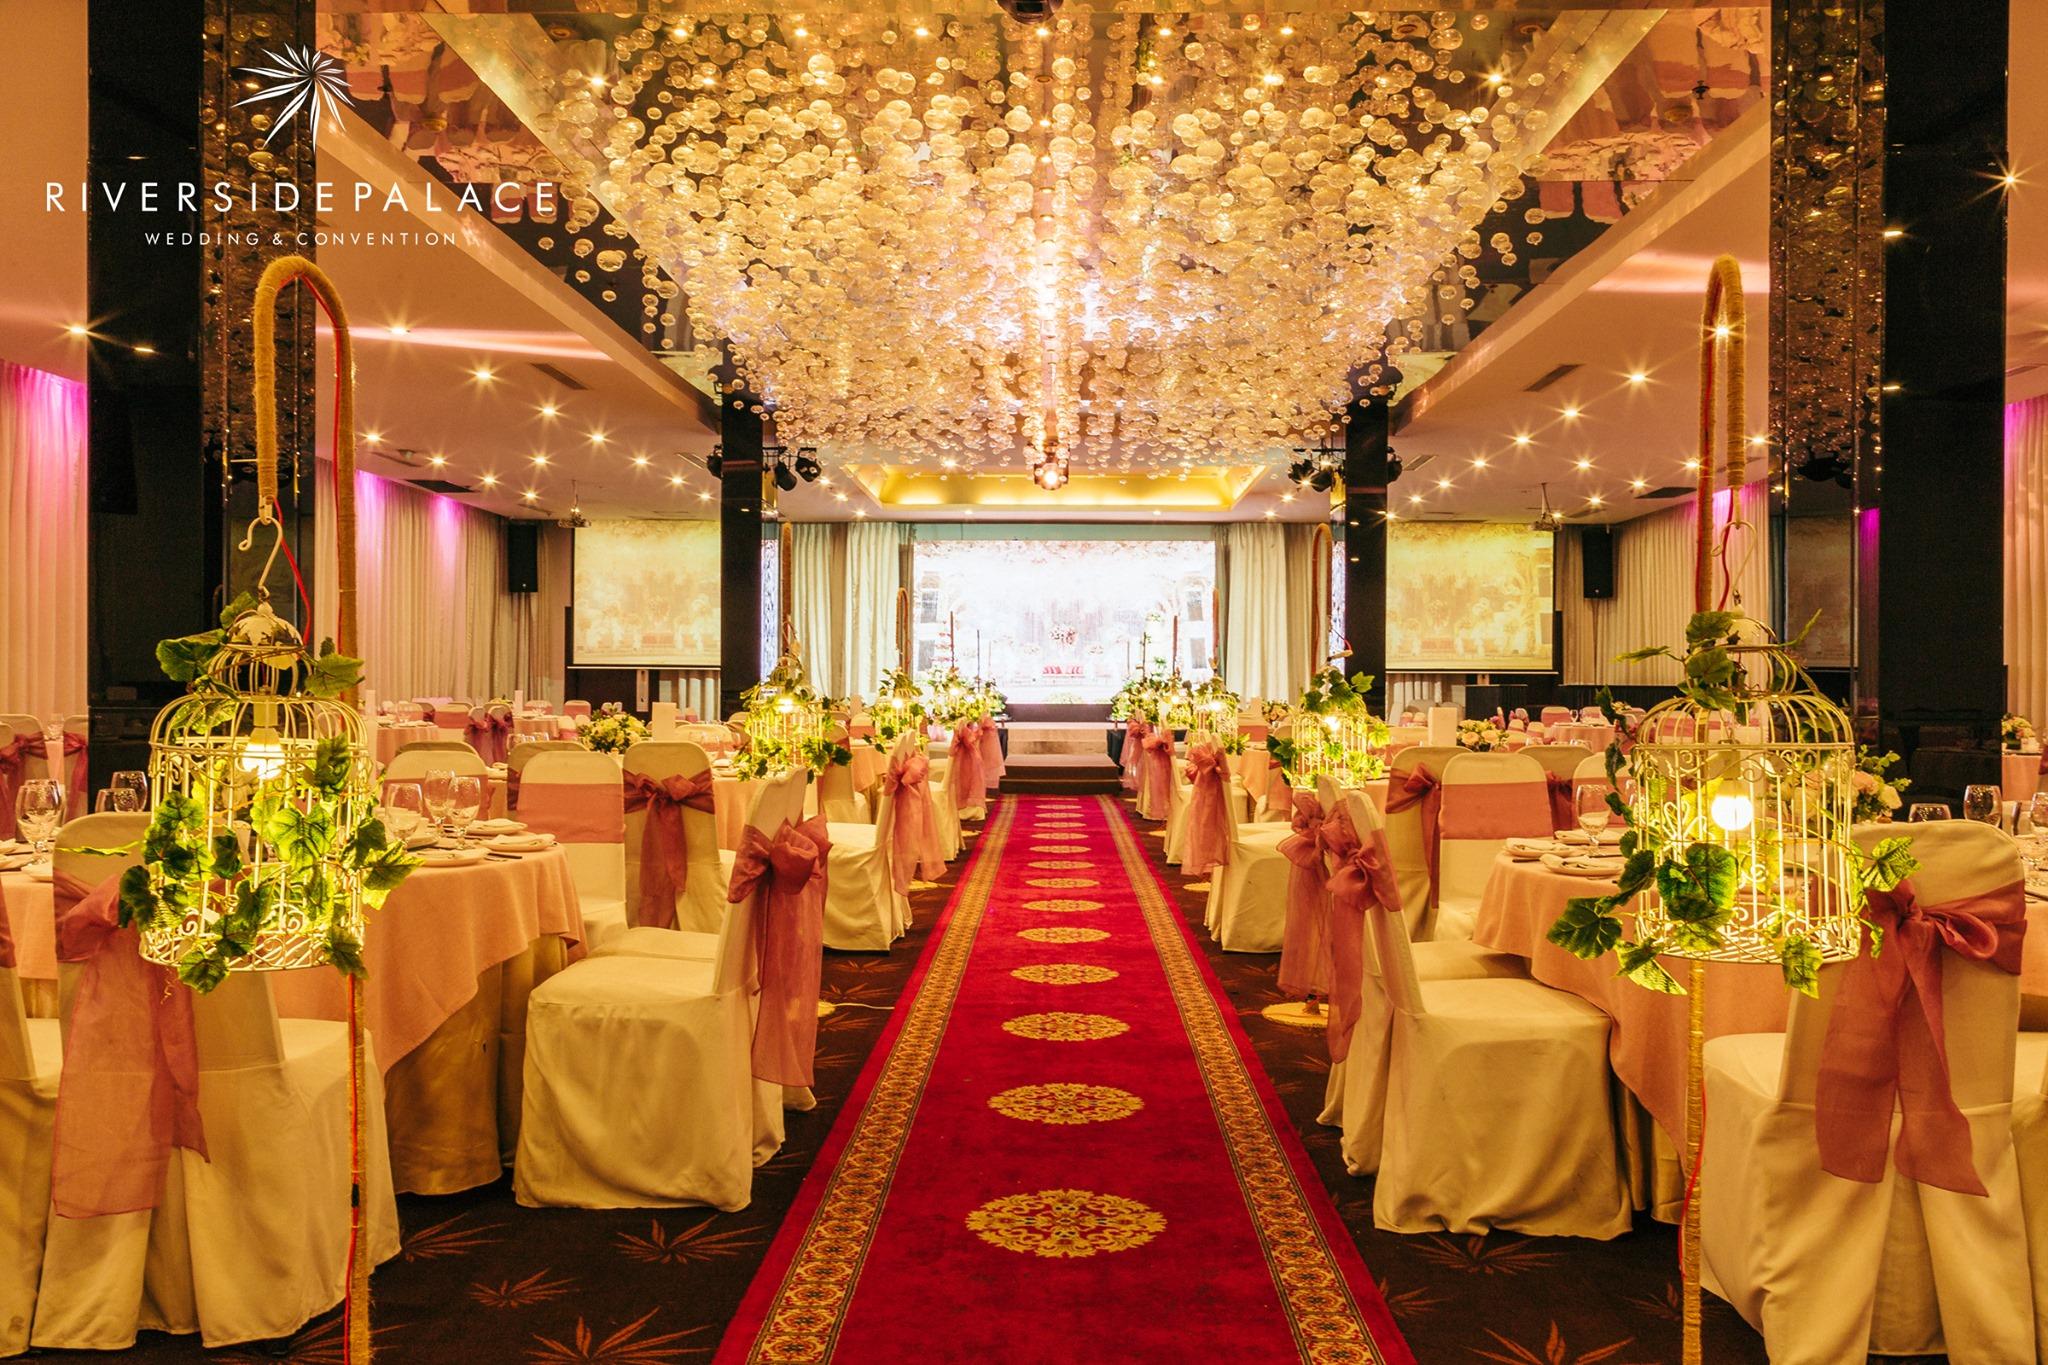 Địa điểm tổ chức tiệc tất niên cuối năm ởRiverside Palace